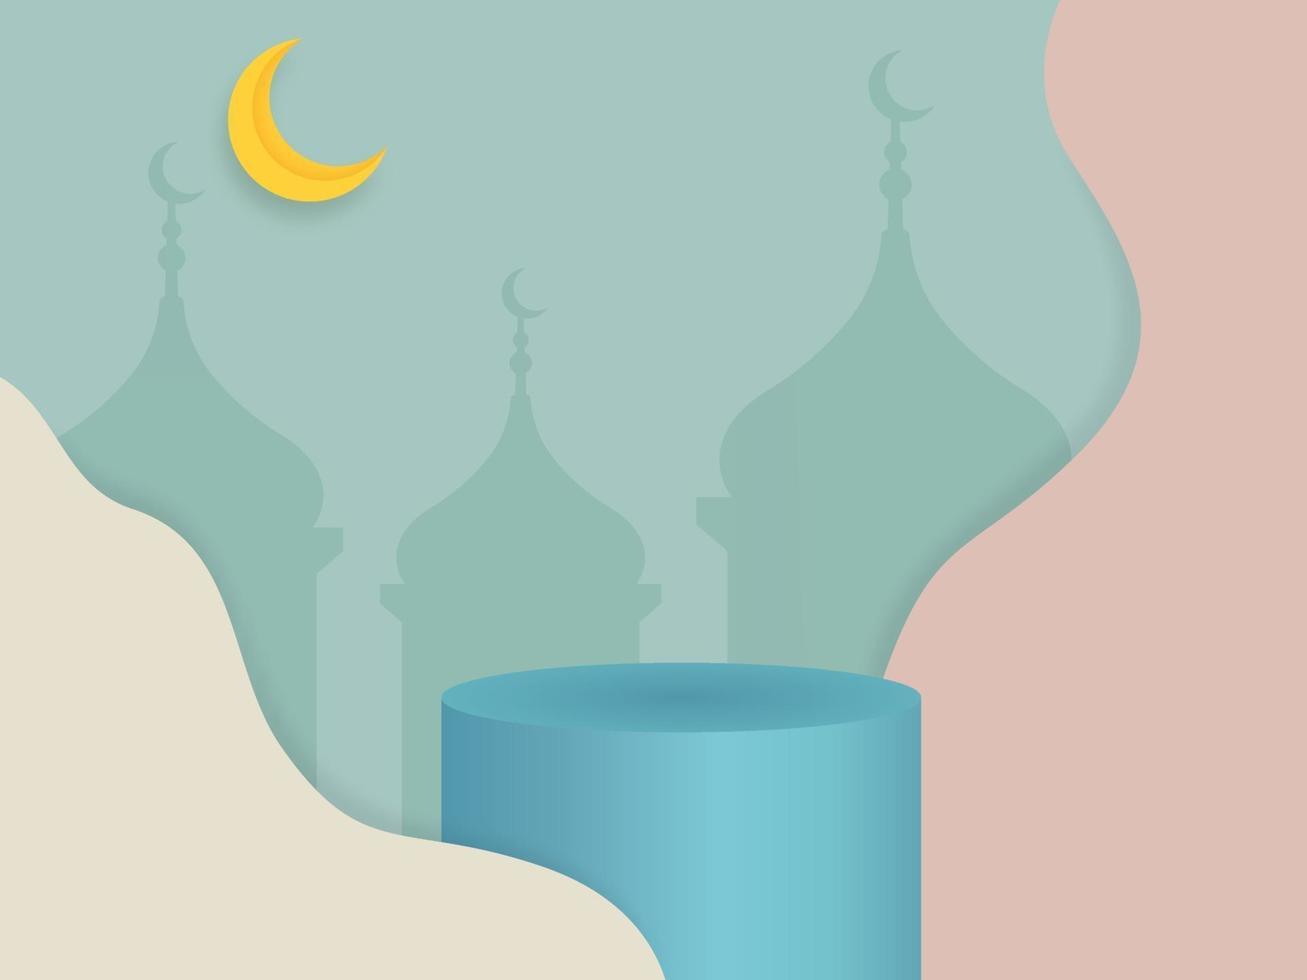 Podium de vecteur 3D pour l'affichage du produit, la présentation, la scène, la plate-forme de cylindre minimal islamique en arrière-plan de couleurs pastel